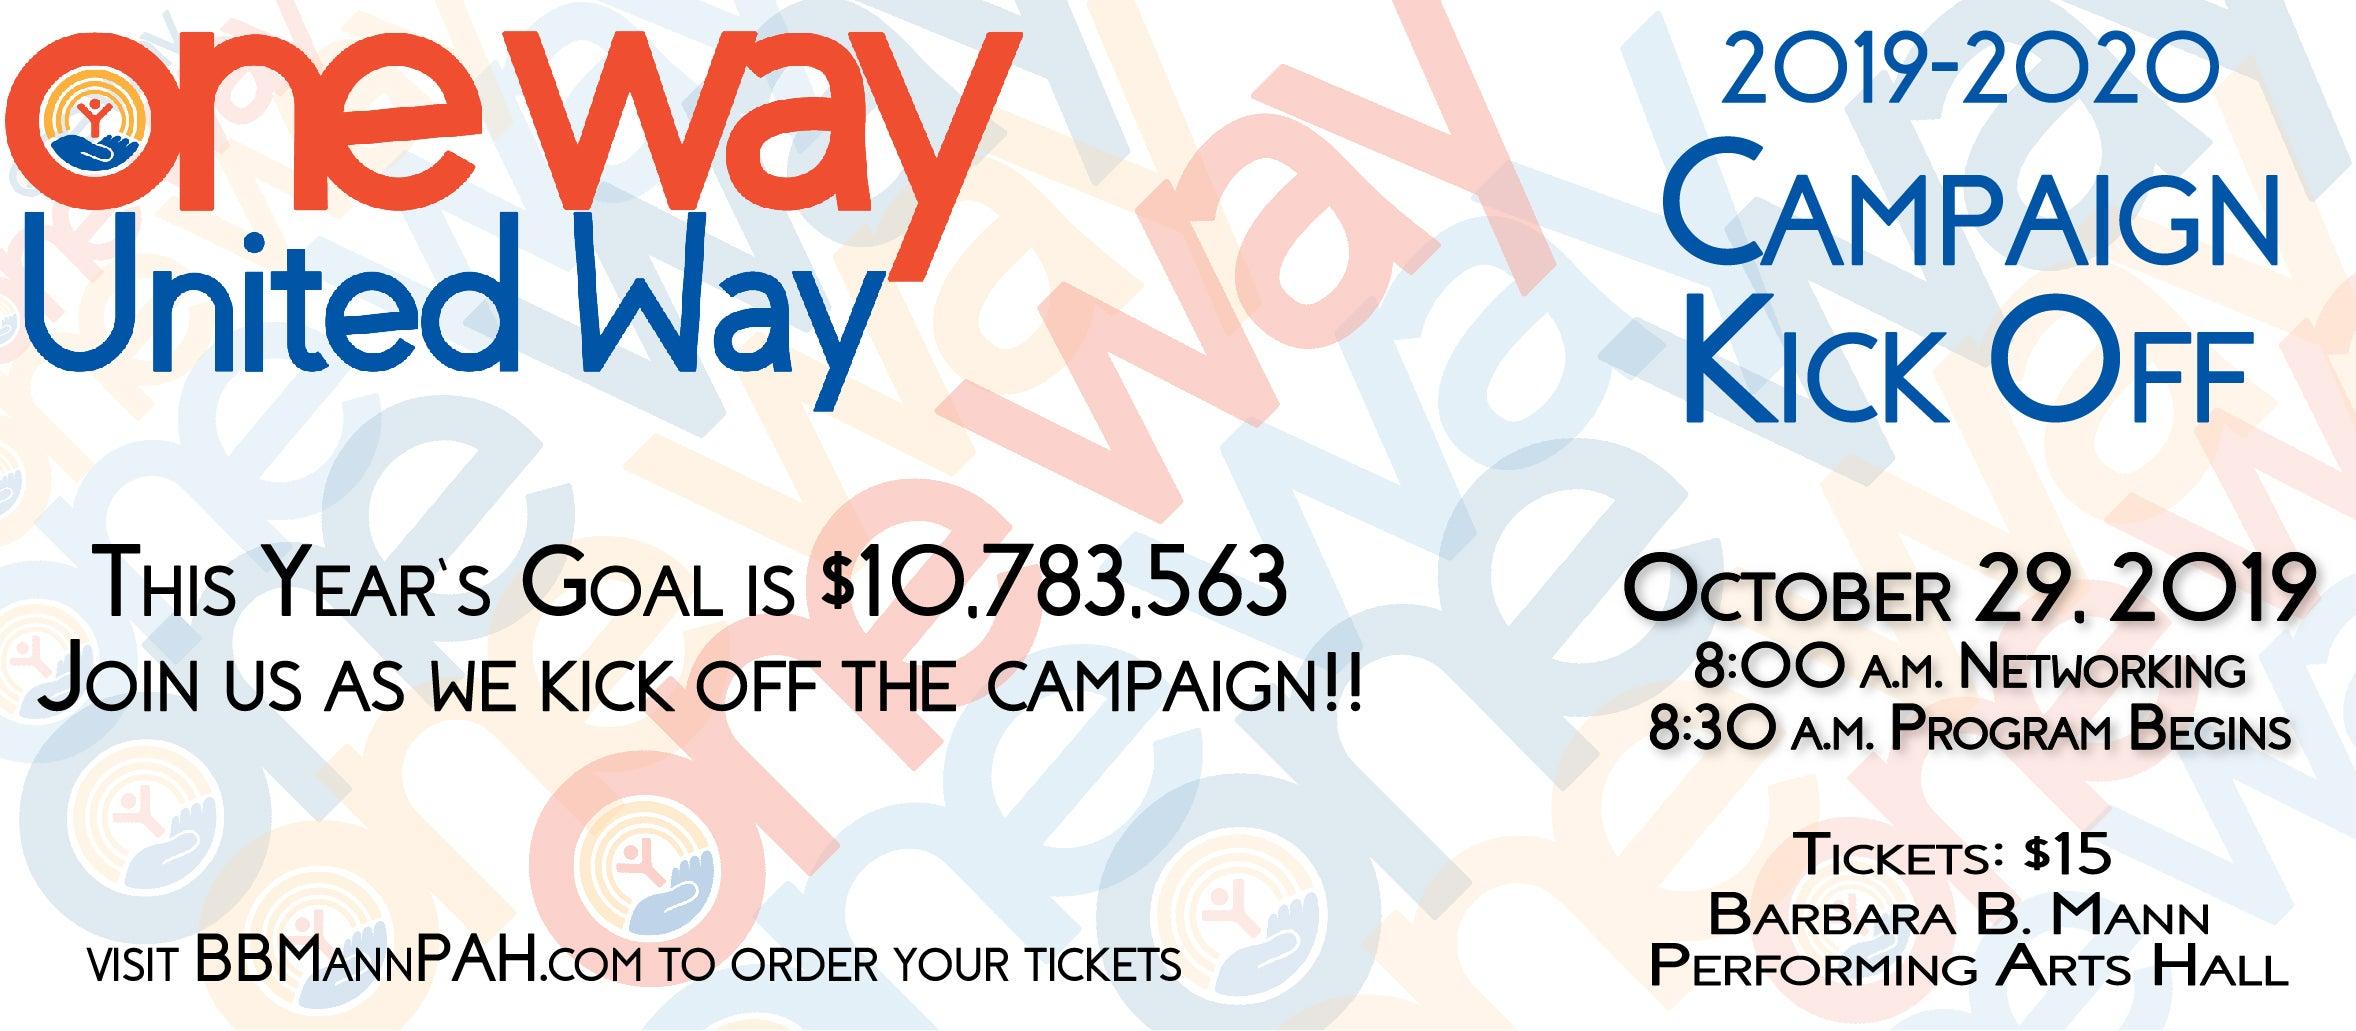 United Way Kickoff Campaign